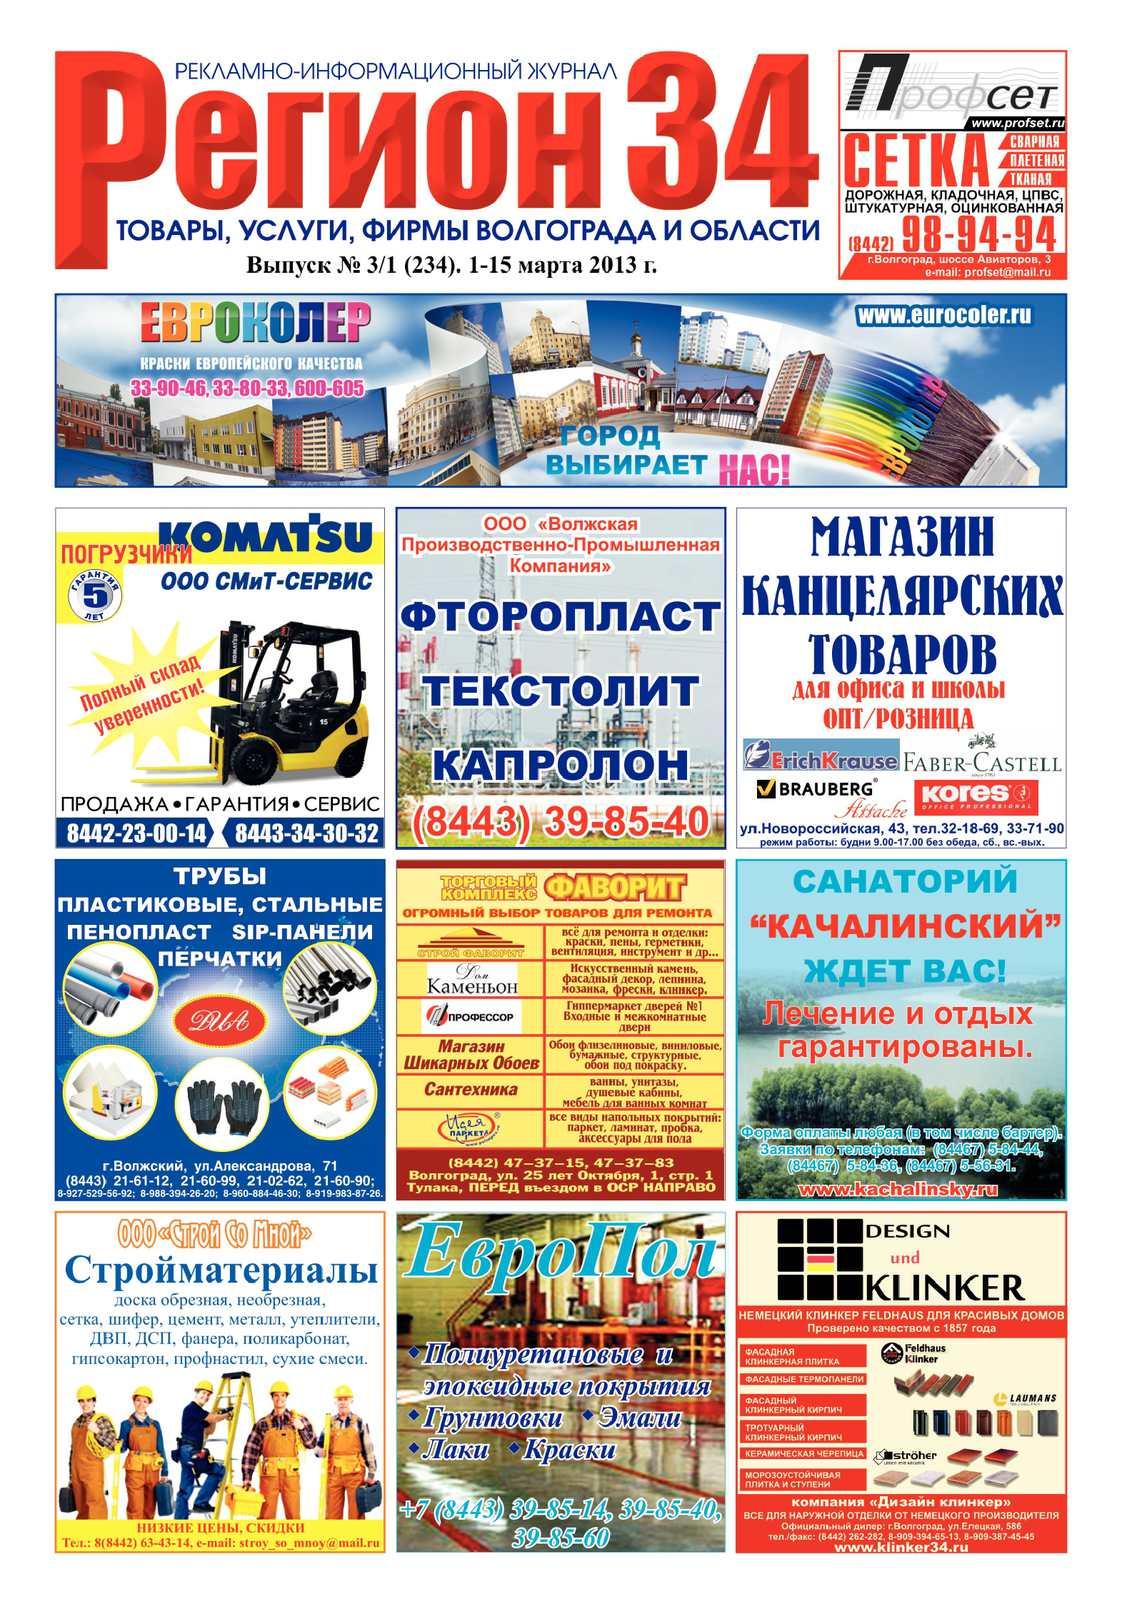 dfa70cf331c1 Calaméo - Регион34 выпуск 234 март(1) 2013 г